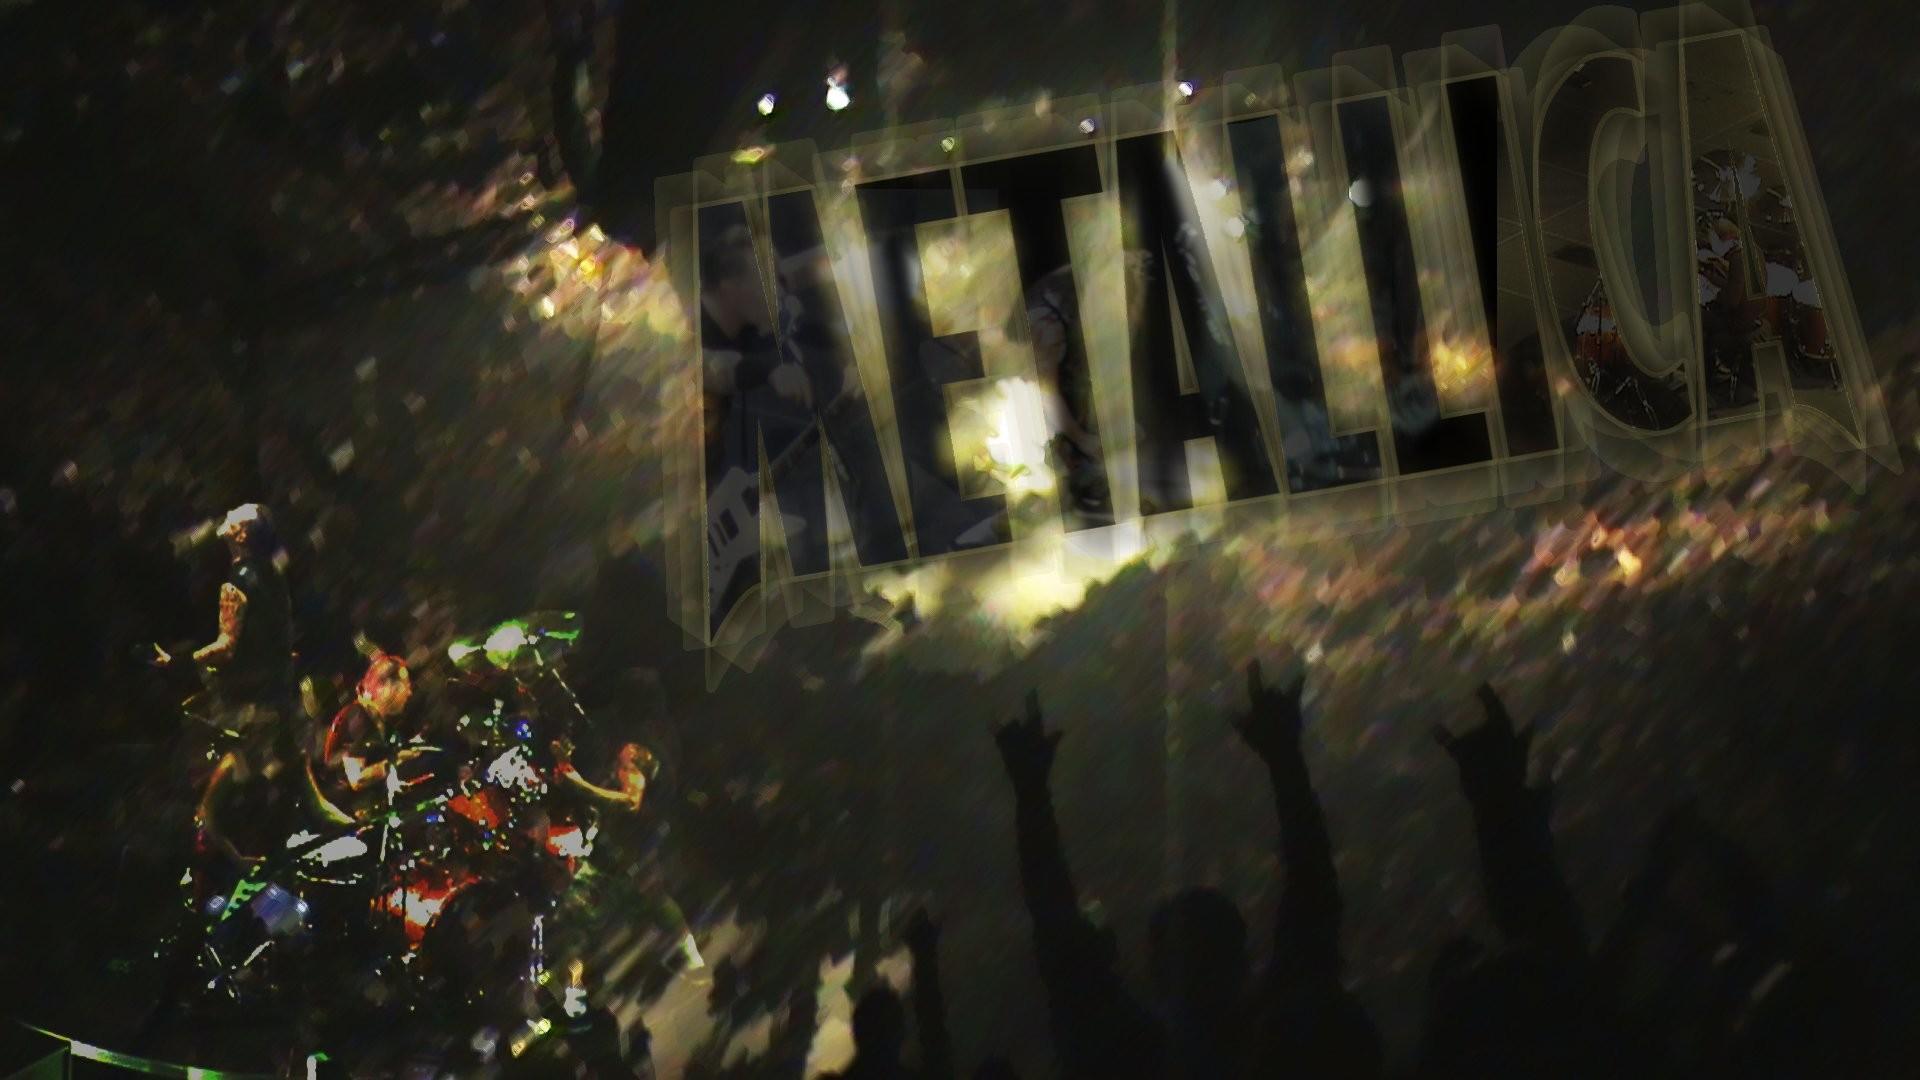 Fondo de pantalla HD | Fondo de Escritorio ID:149589. Música  Metallica